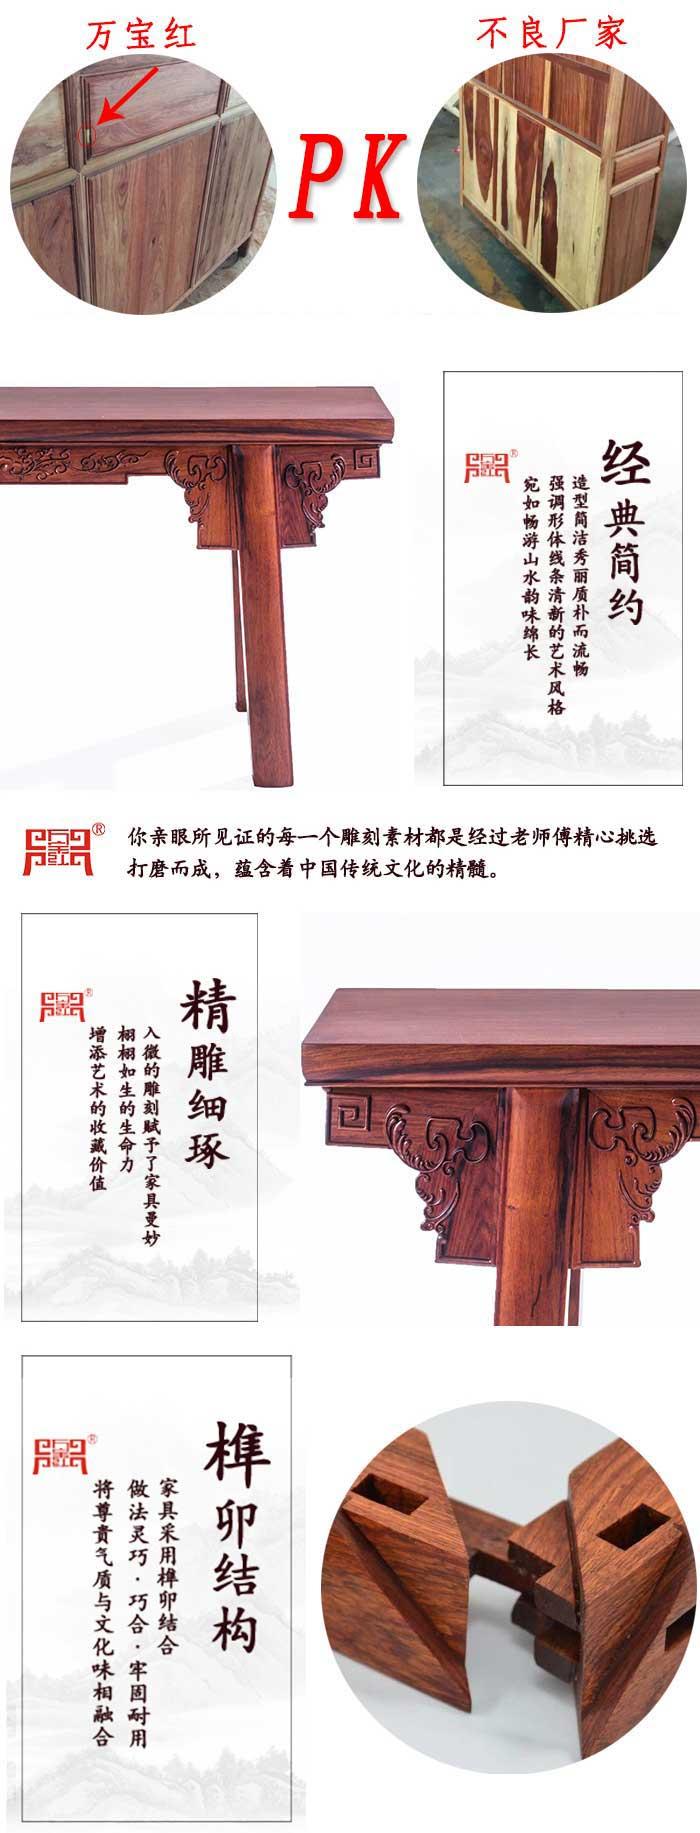 缅甸酸枝八仙桌